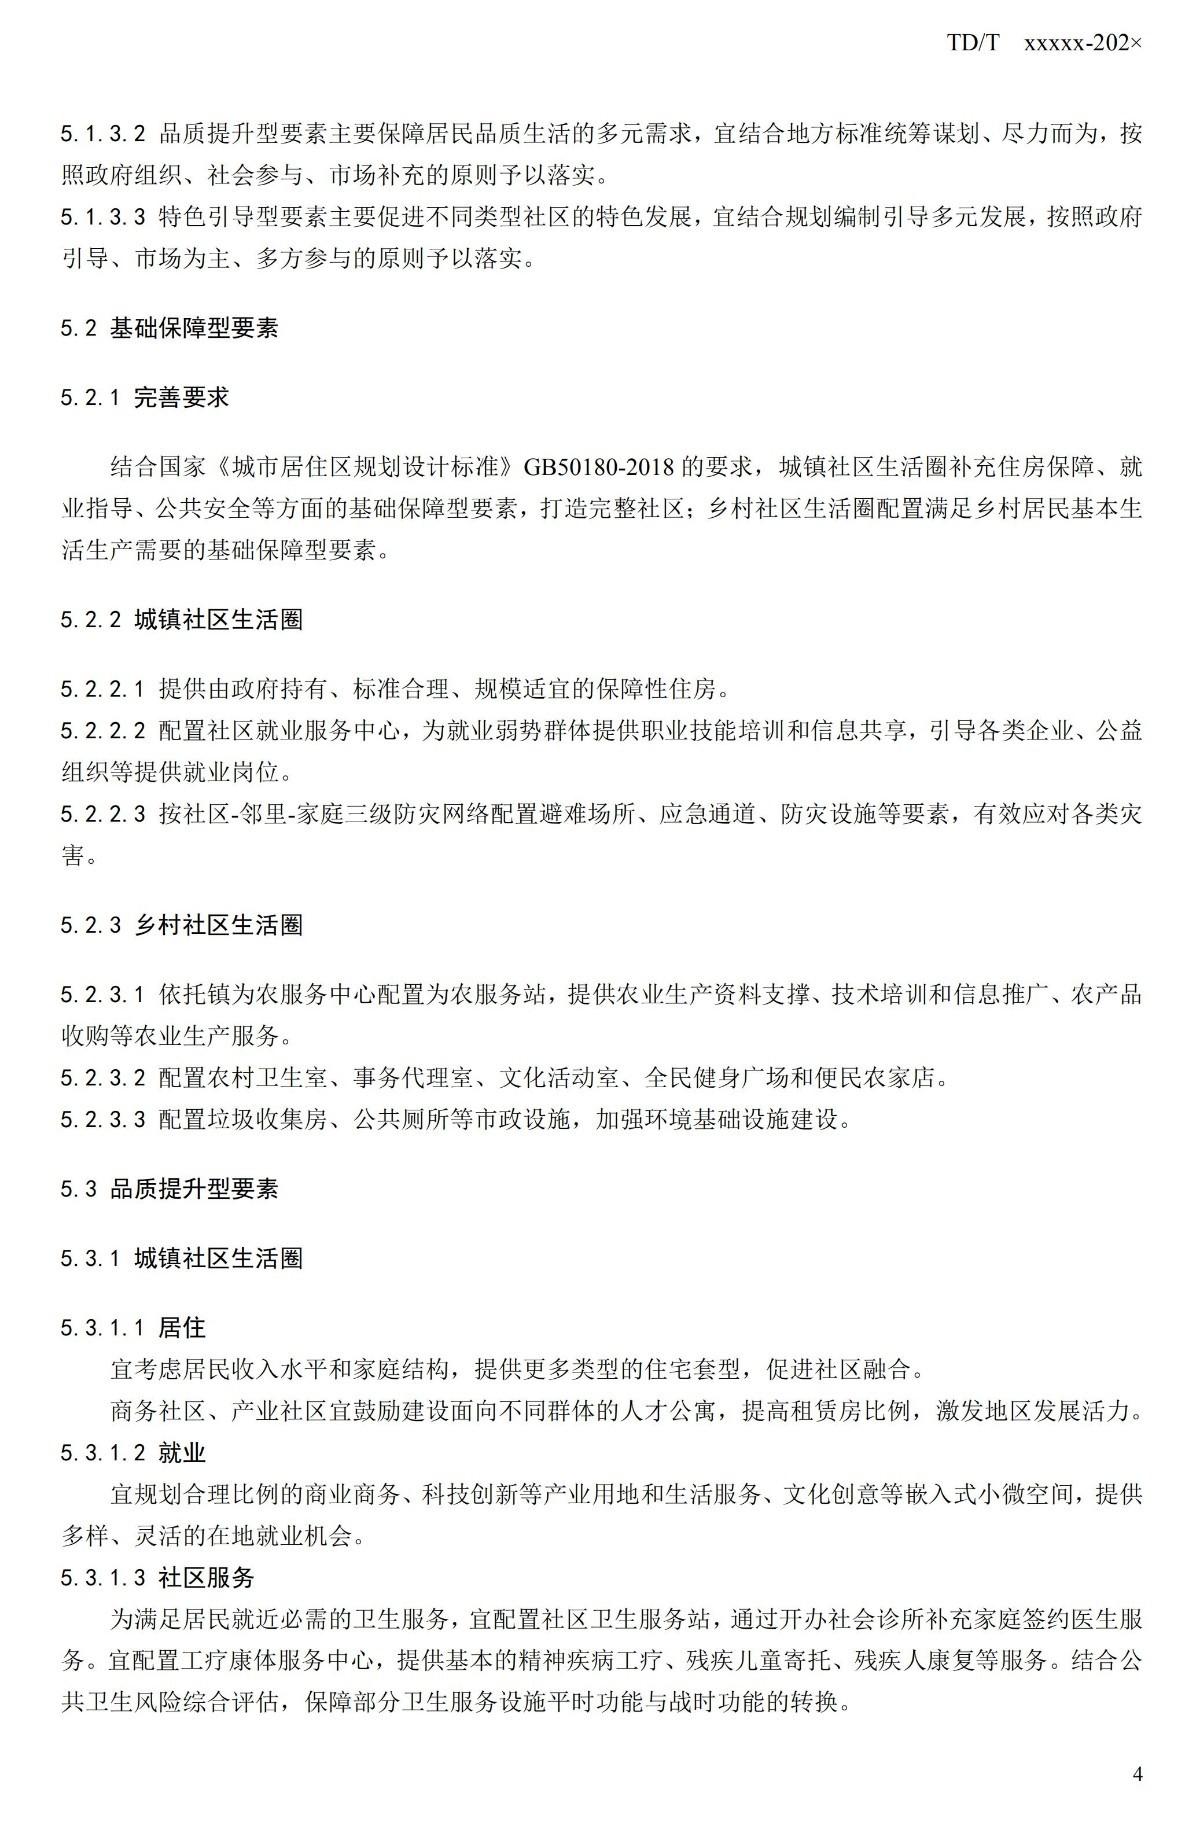 20_WD_240432_社区生活圈规划技术指南_09.jpg